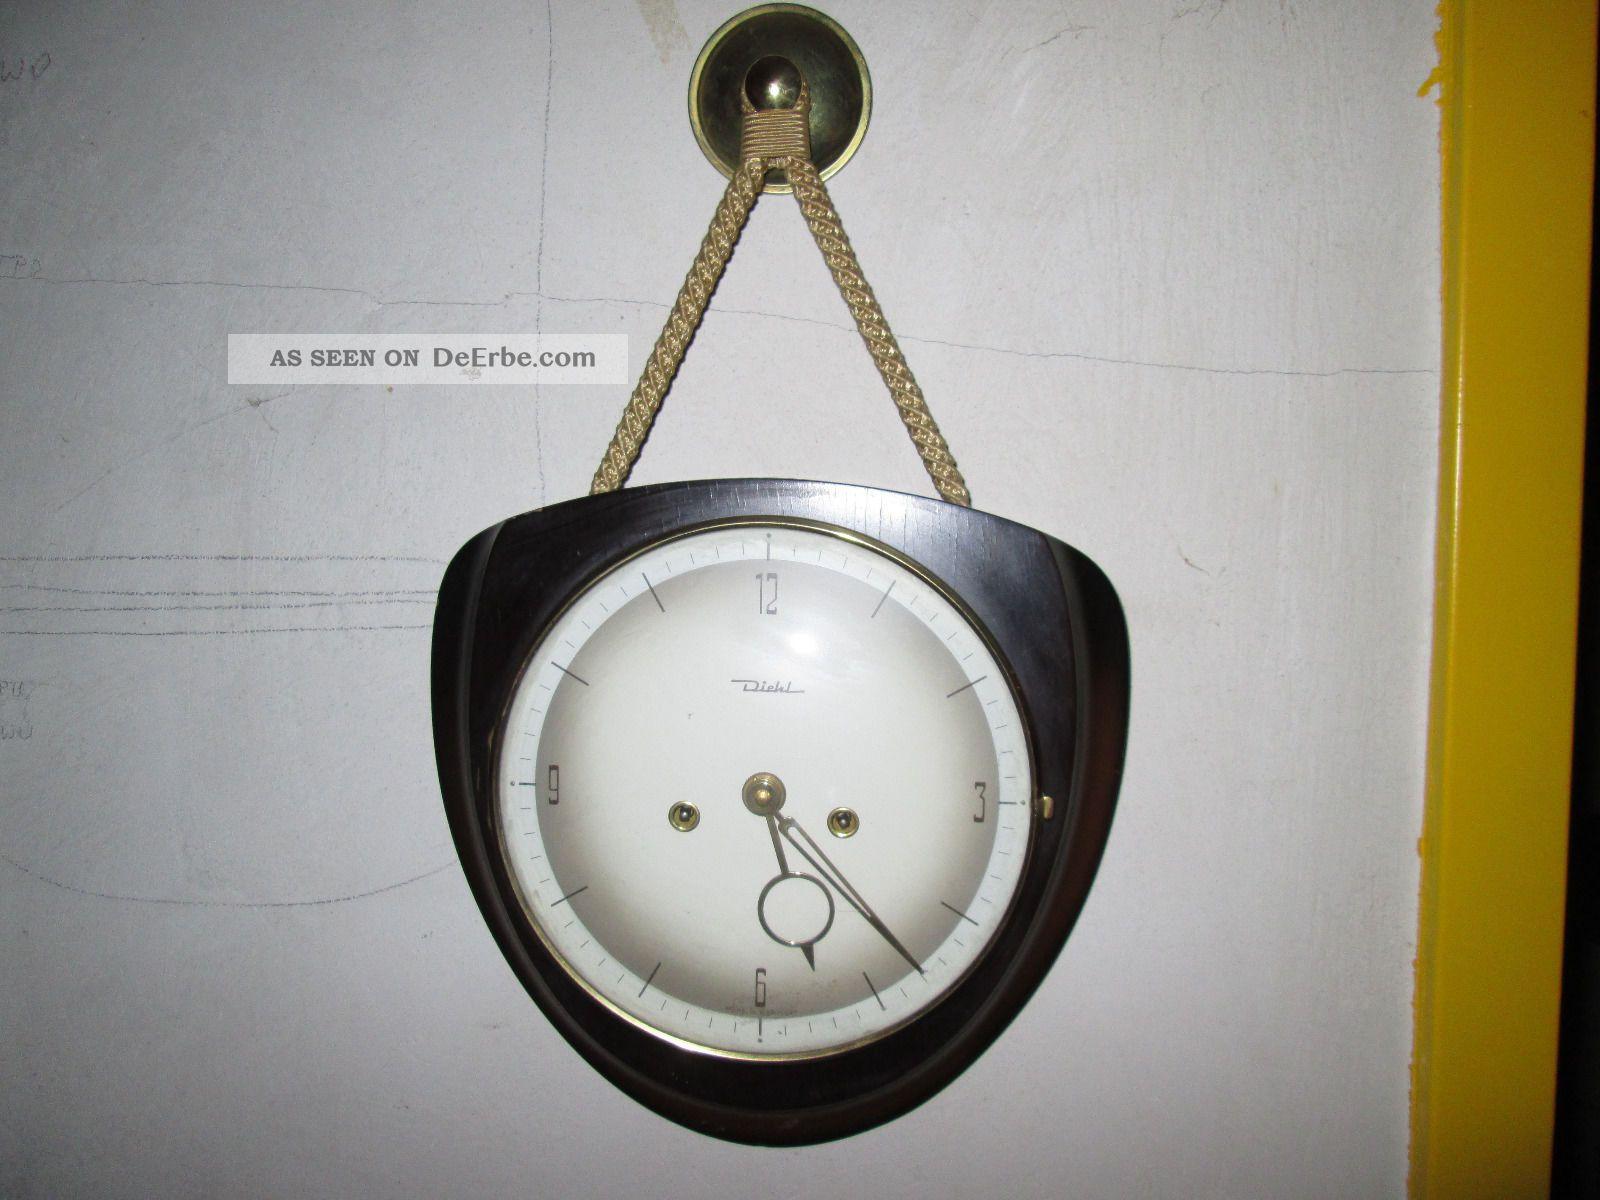 wanduhr kordeluhr diehl mit doppelklang gong. Black Bedroom Furniture Sets. Home Design Ideas